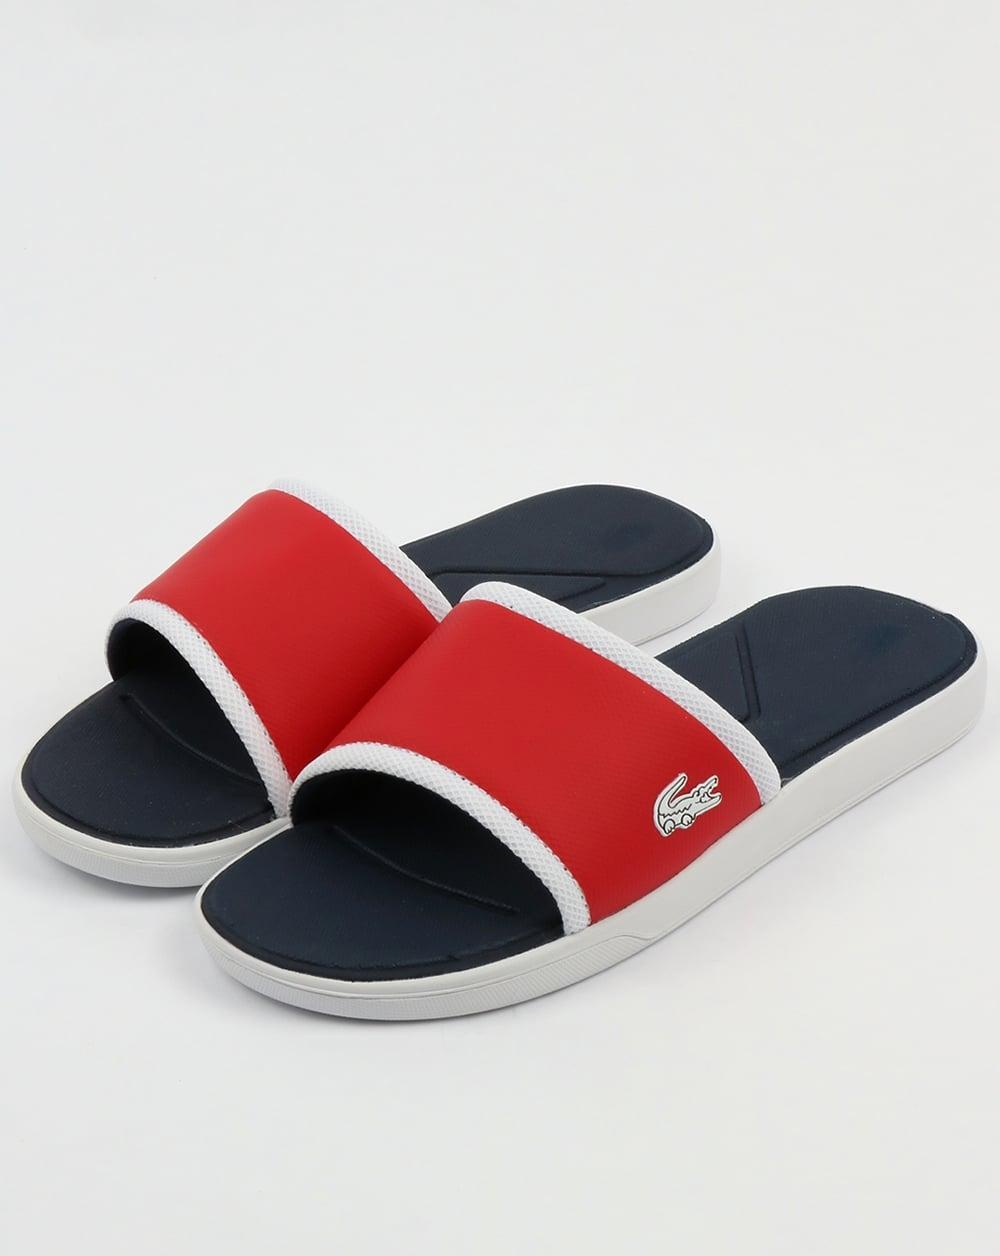 Sliders Red,blue,sandals,flip flops,mens